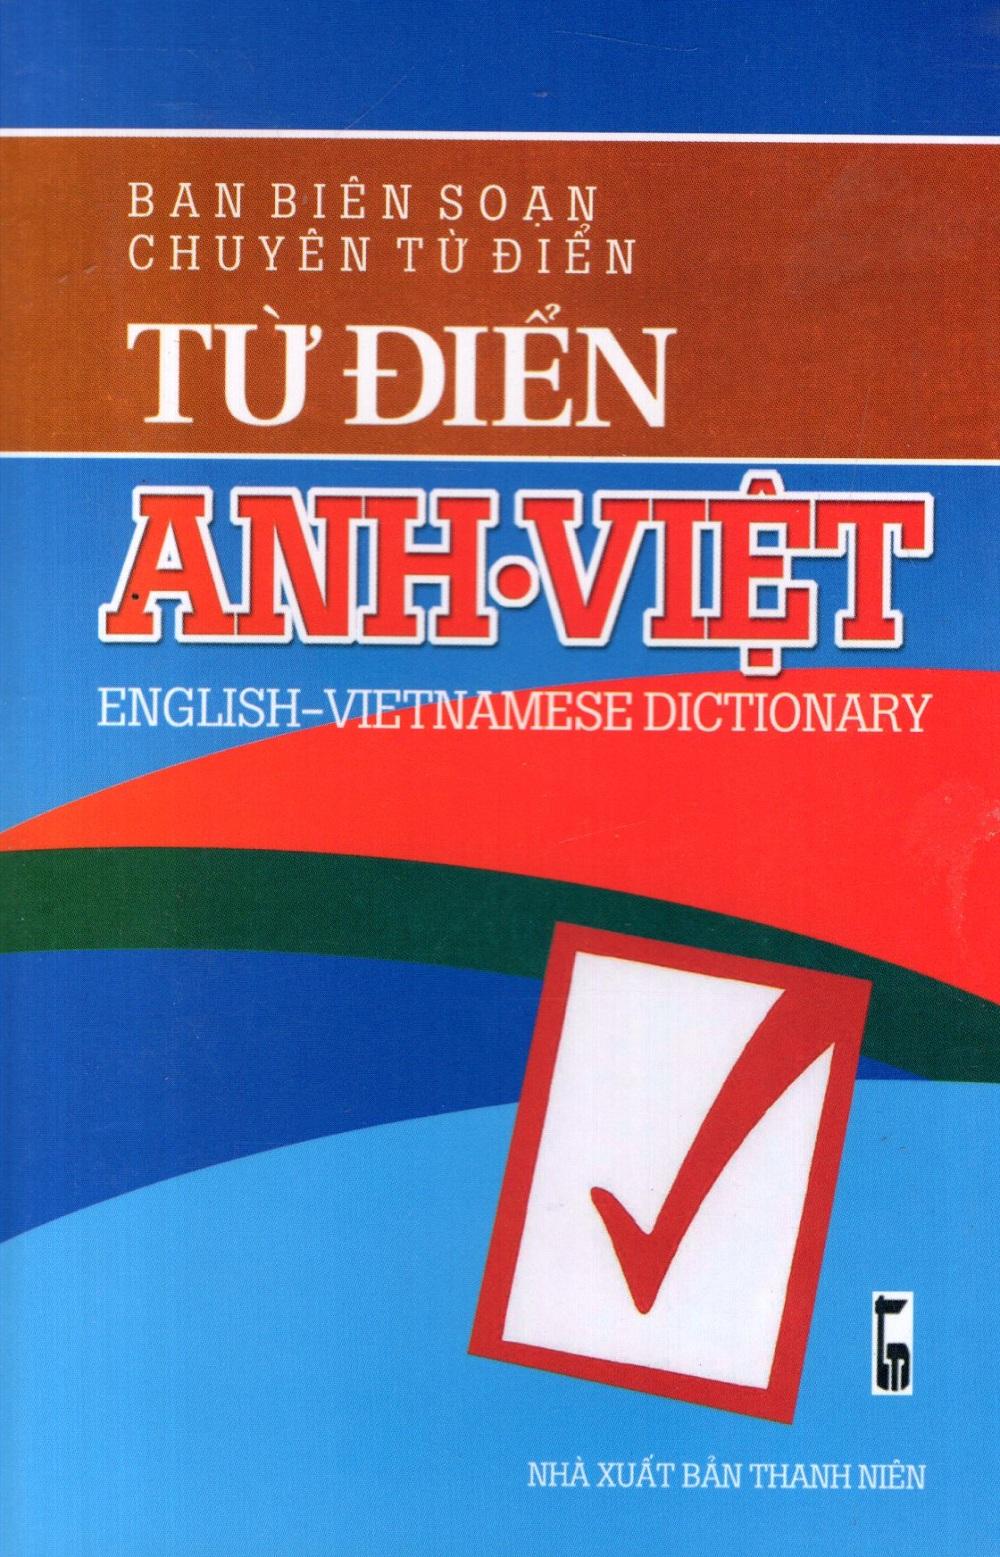 Bìa sách Từ Điển Anh - Việt (Khoảng 50.000 Từ) - Sách Bỏ Túi